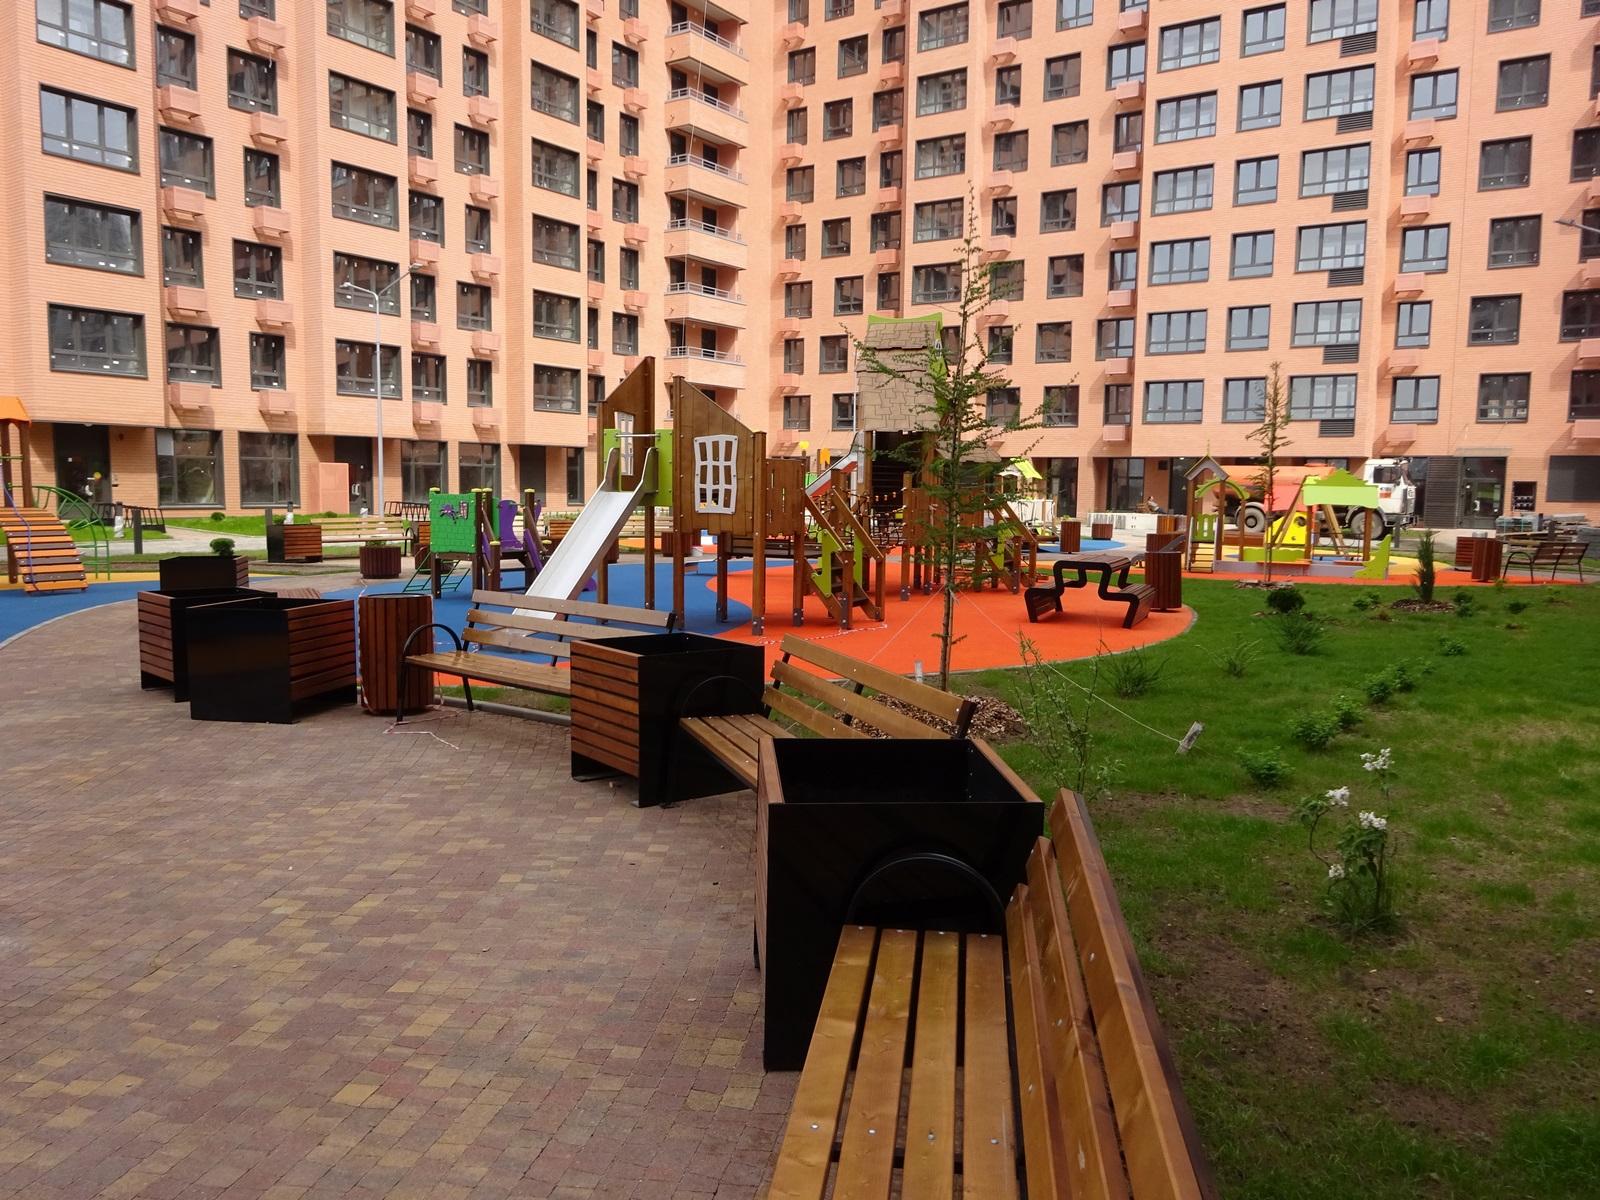 Малые архитектурные формы для благоустройства городской инфраструктуры -компания Техоптимум